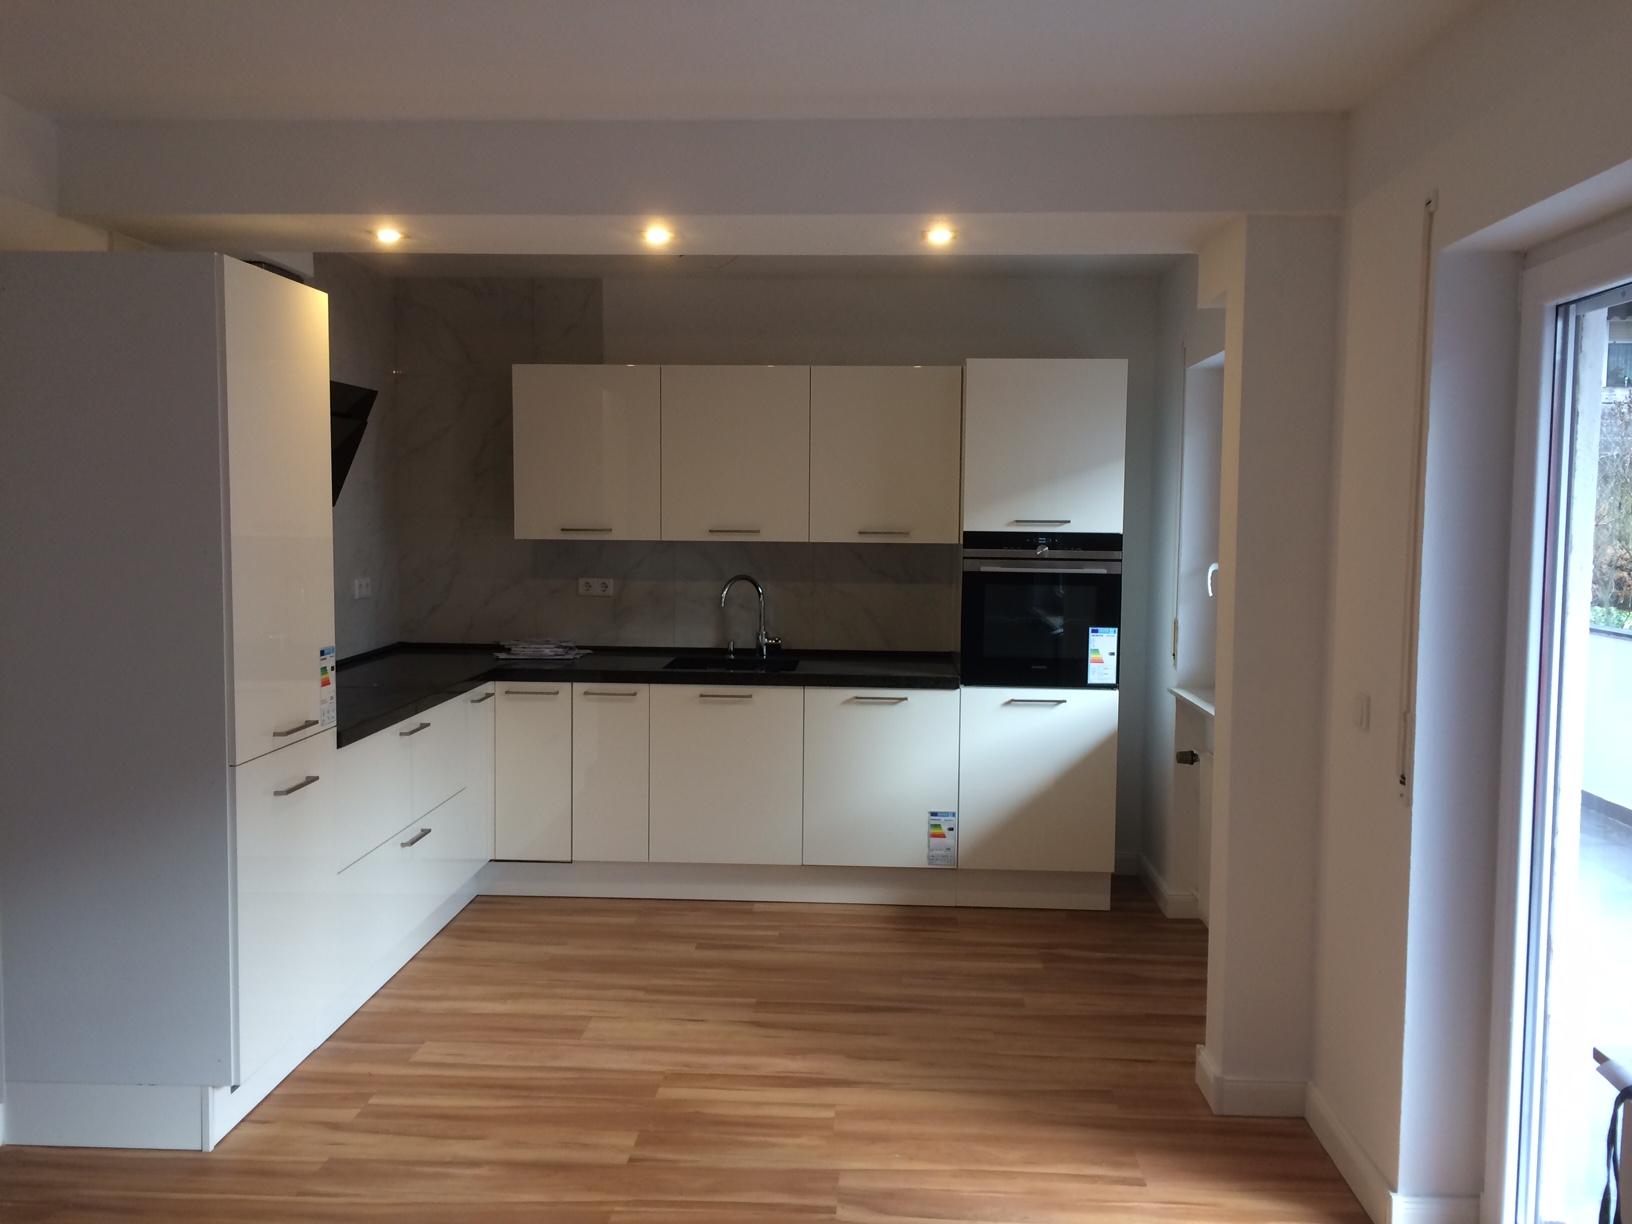 Schöne, geräumige zwei Zimmer Wohnung in Aschaffenburg, Damm